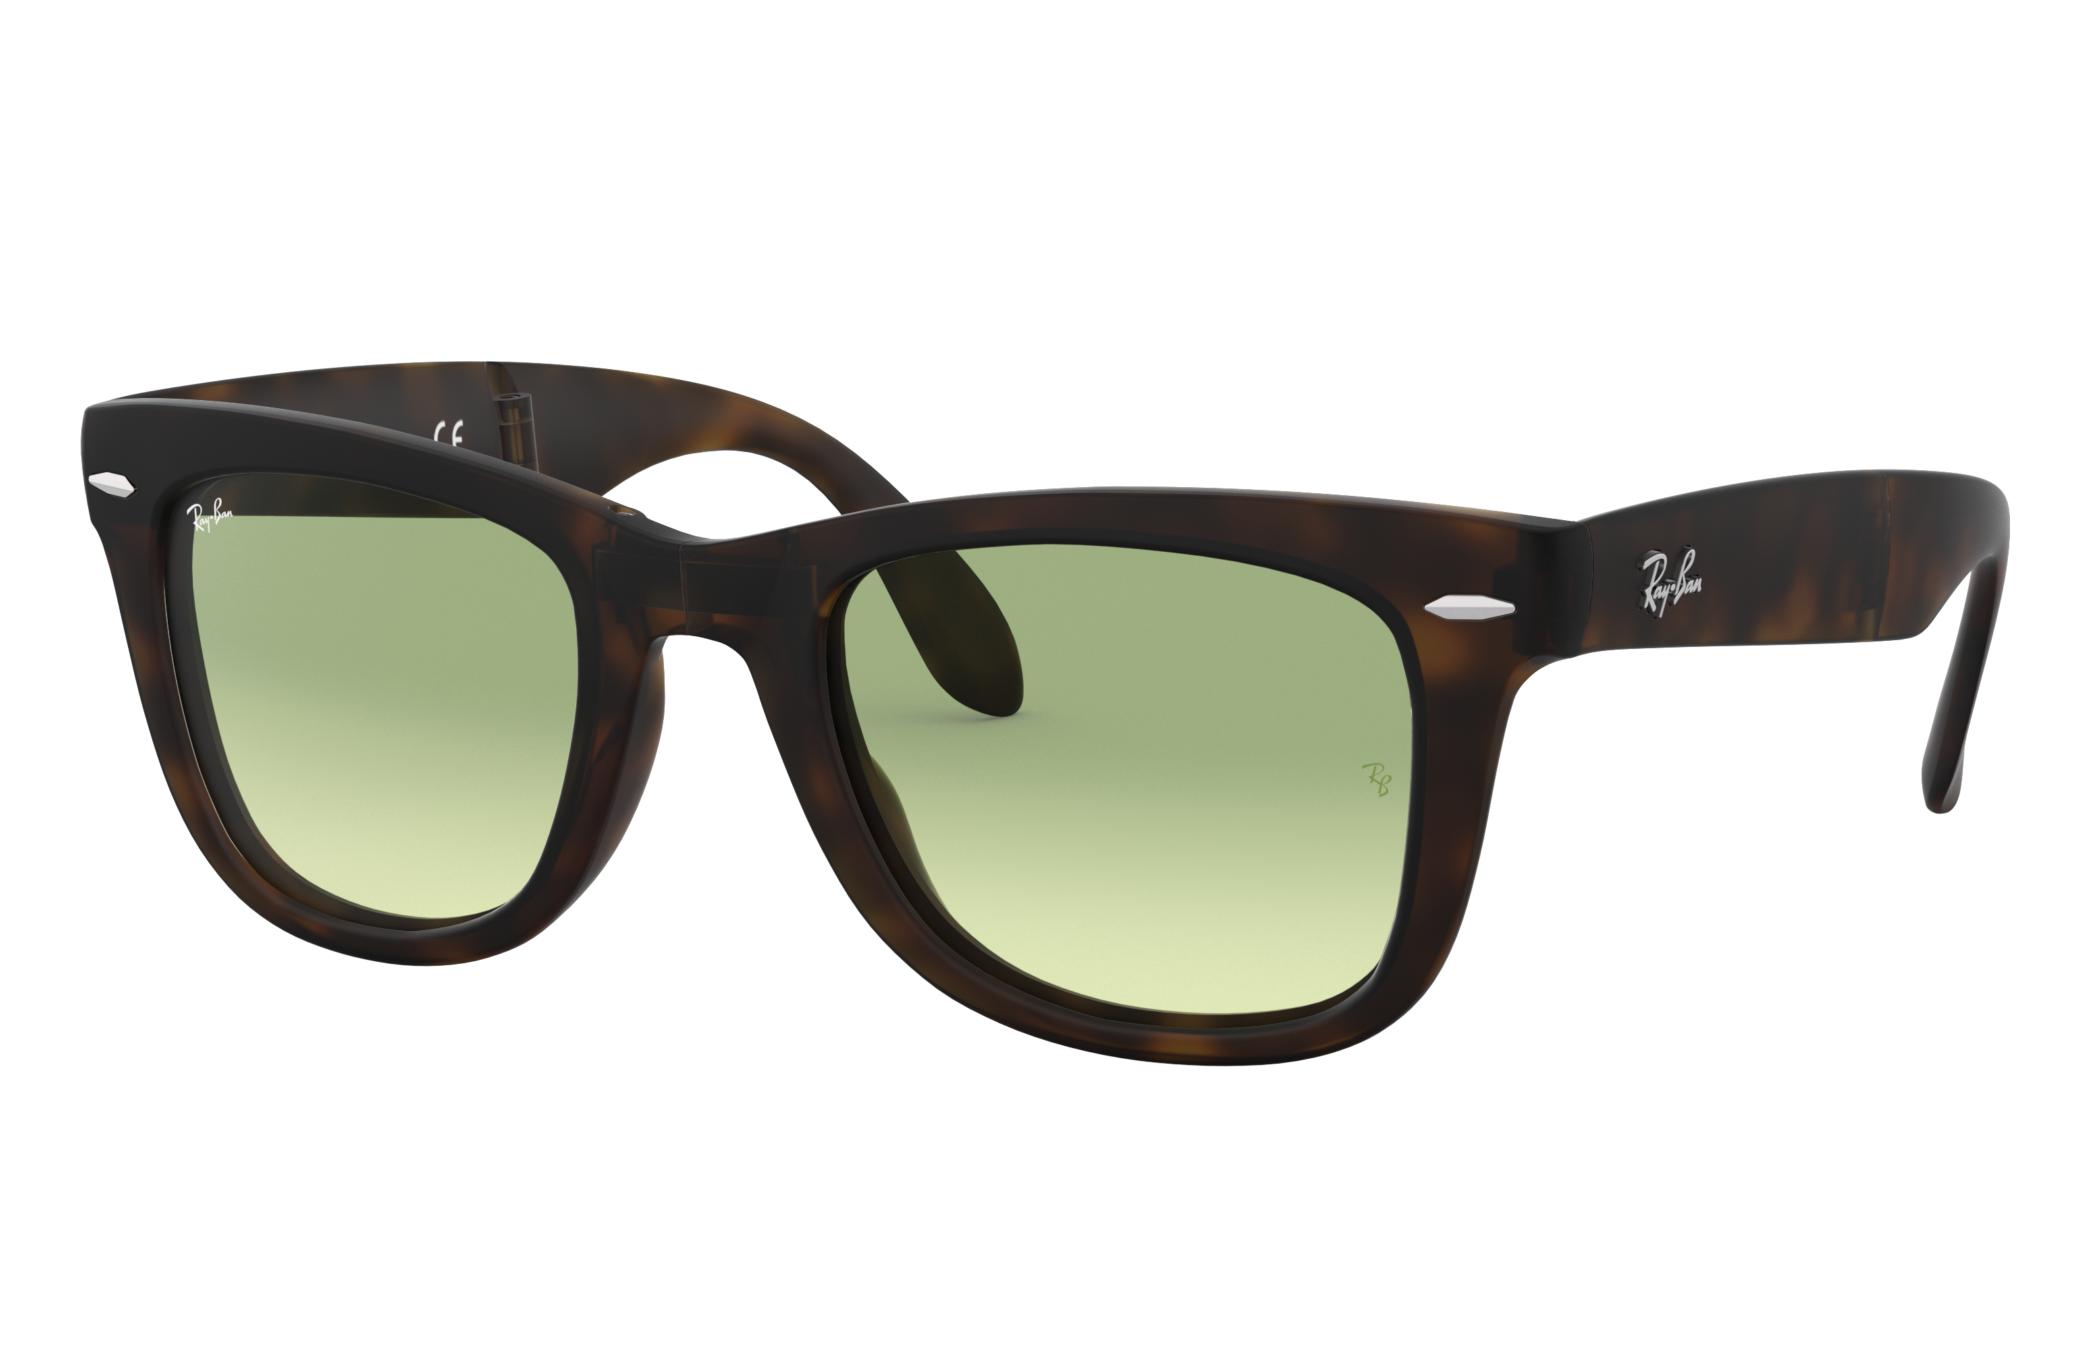 Ray-Ban Wayfarer Folding Gradient Tortoise, Green Lenses - RB4105